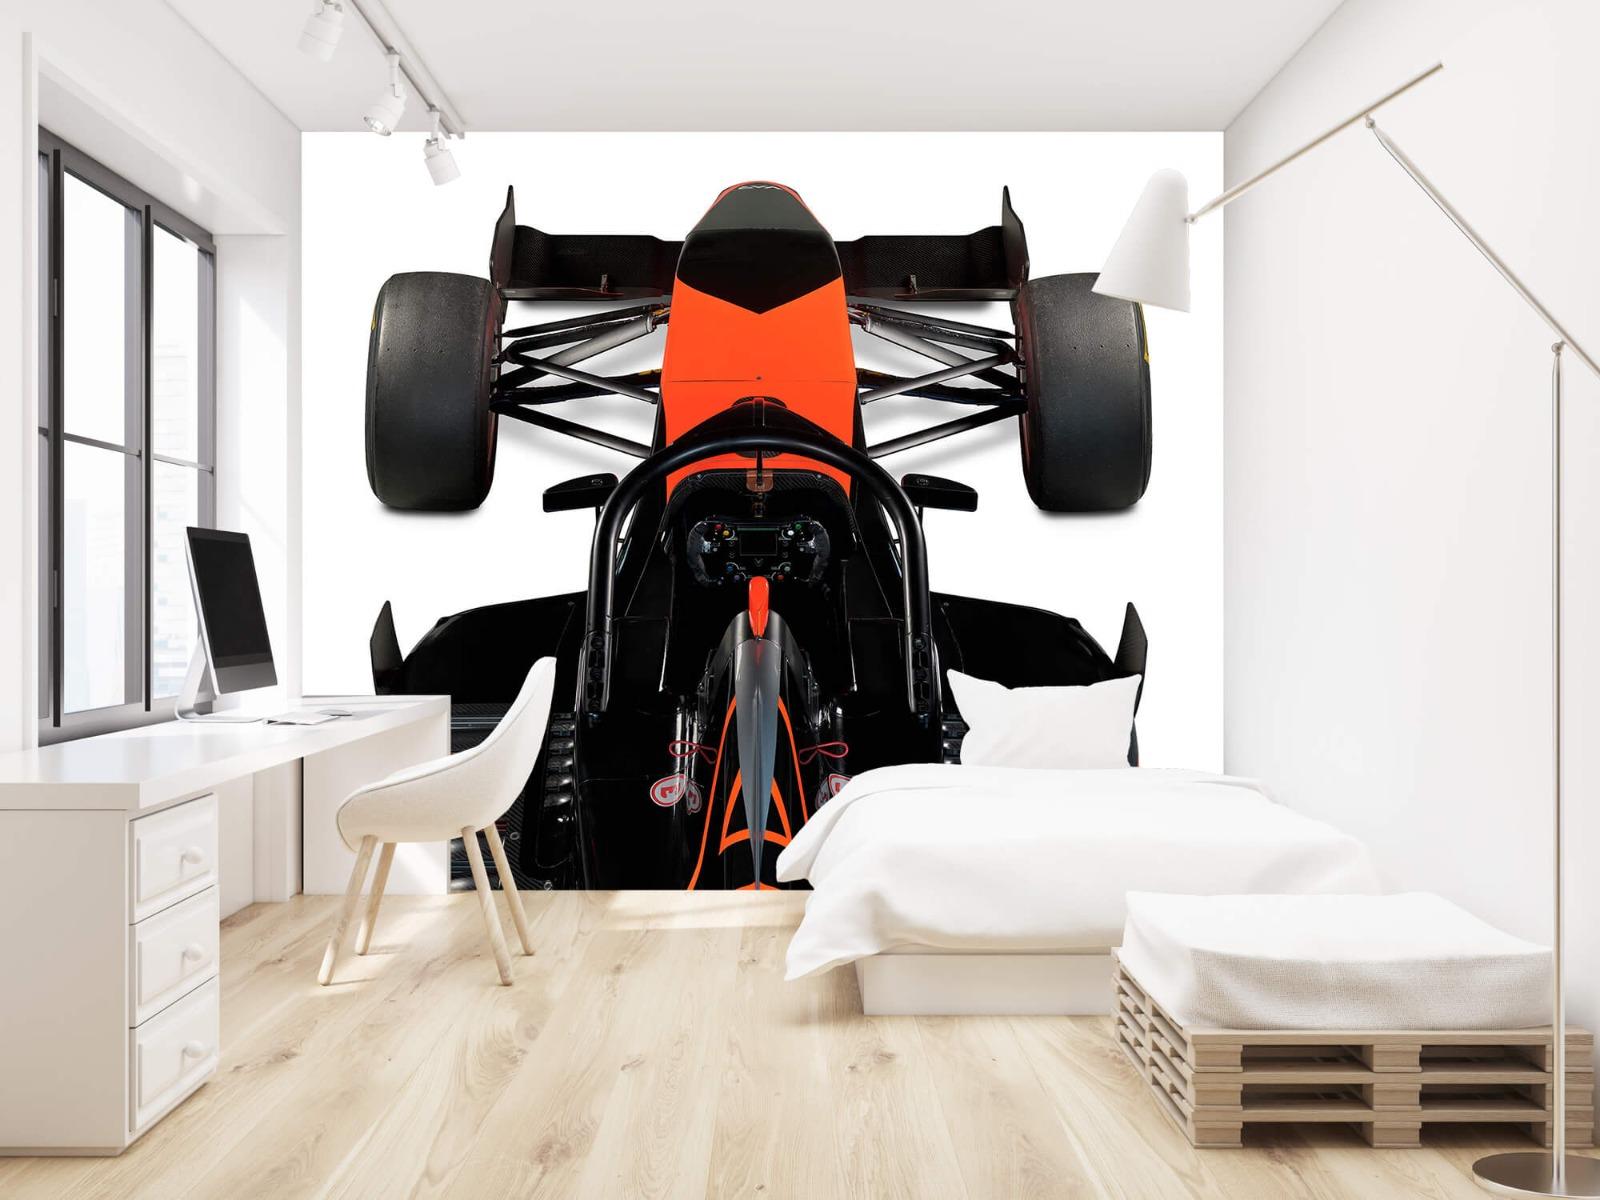 Sportauto's - Formule 3 - Cockpit view - Computerruimte 22